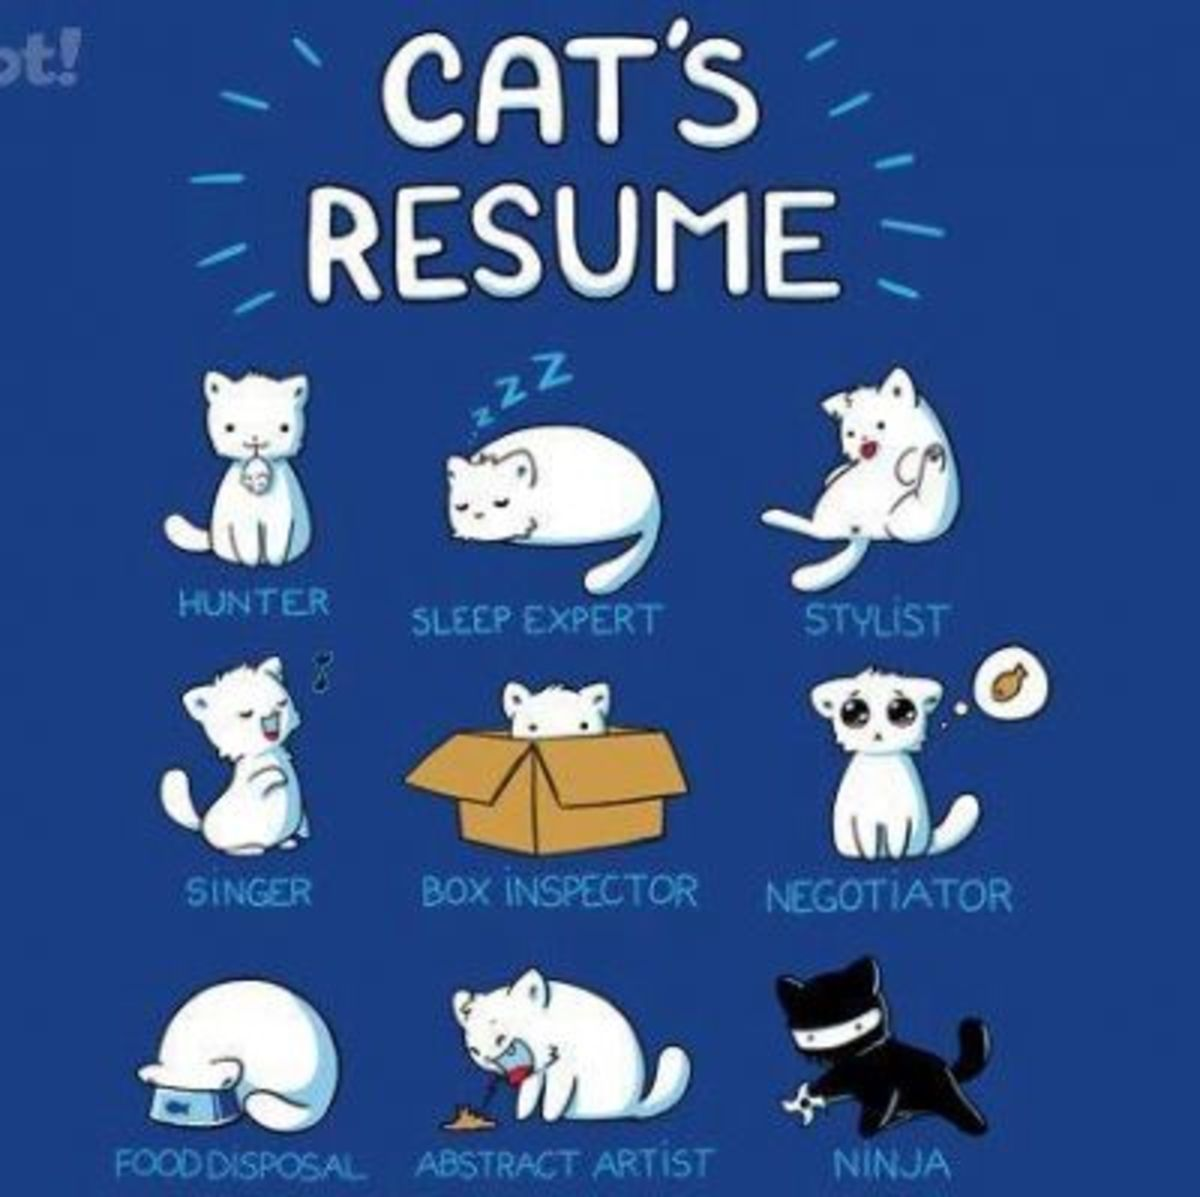 Kitty's Resume